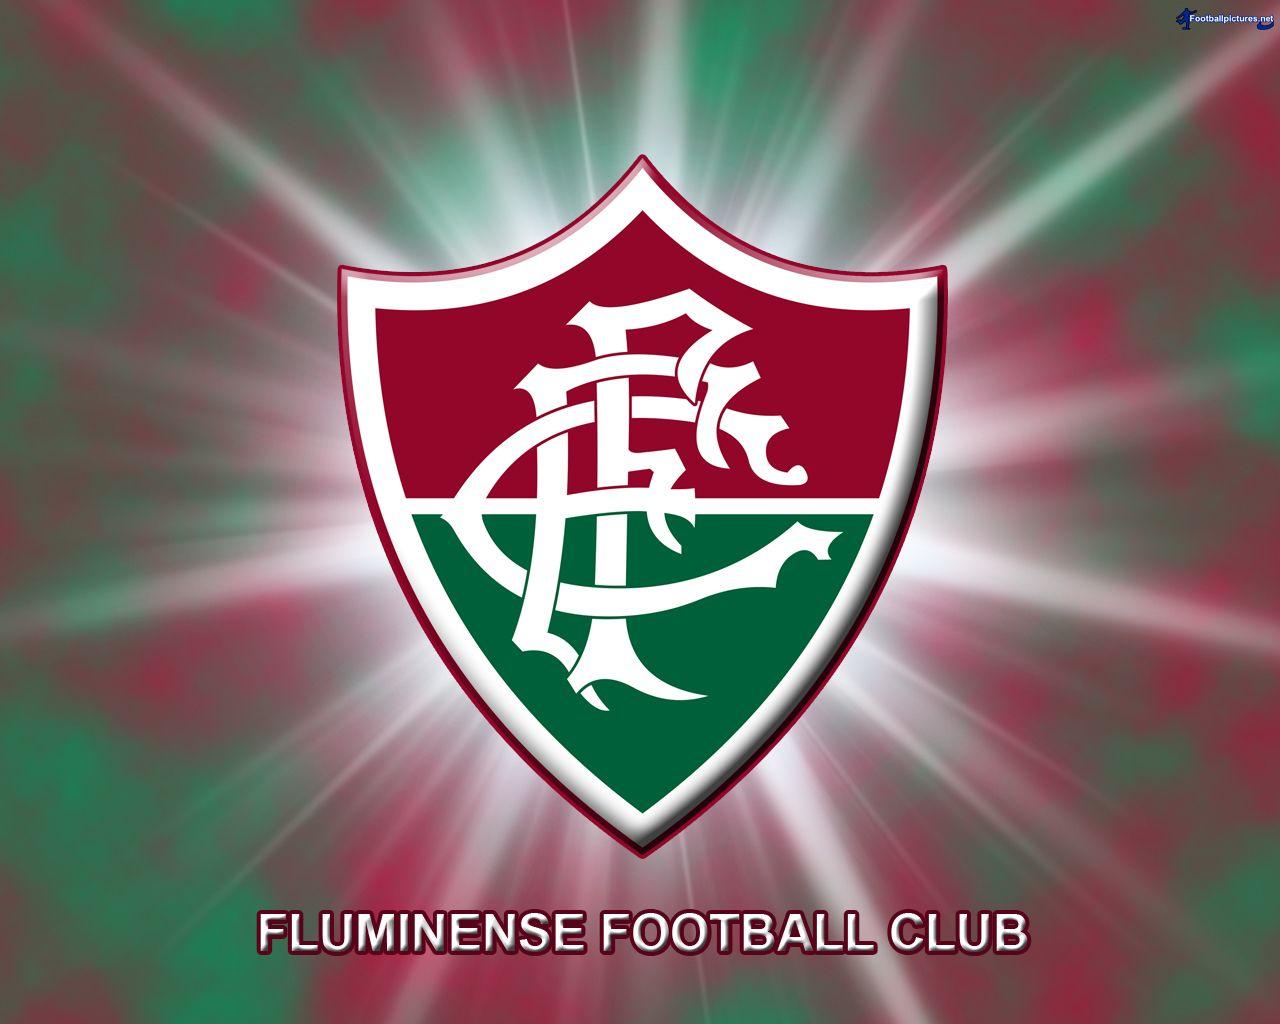 Fluminense of Brazil wallpaper.  01774caad9c52